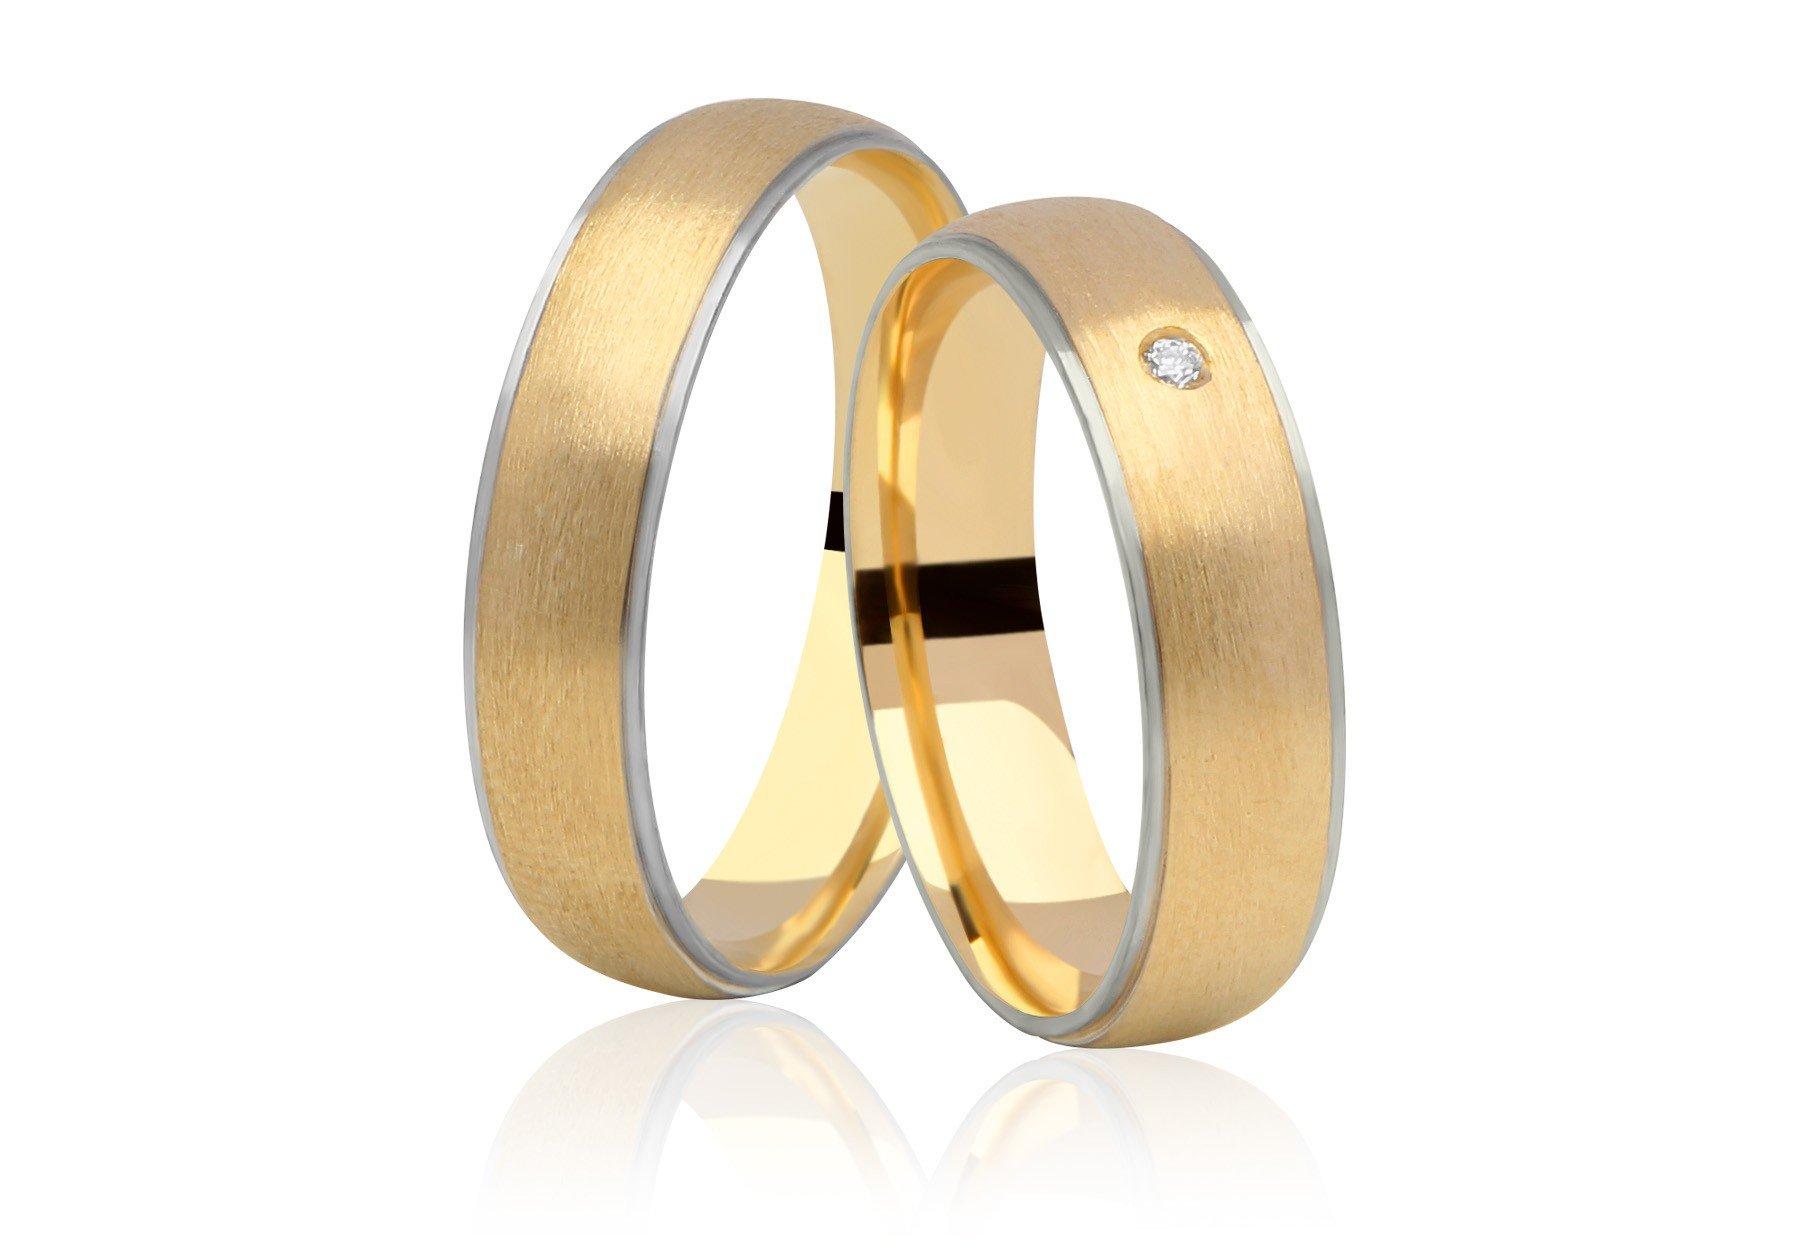 Aliança Casamento Anatômica de Ouro Amarelo e Branco Siàge (5.80mm)